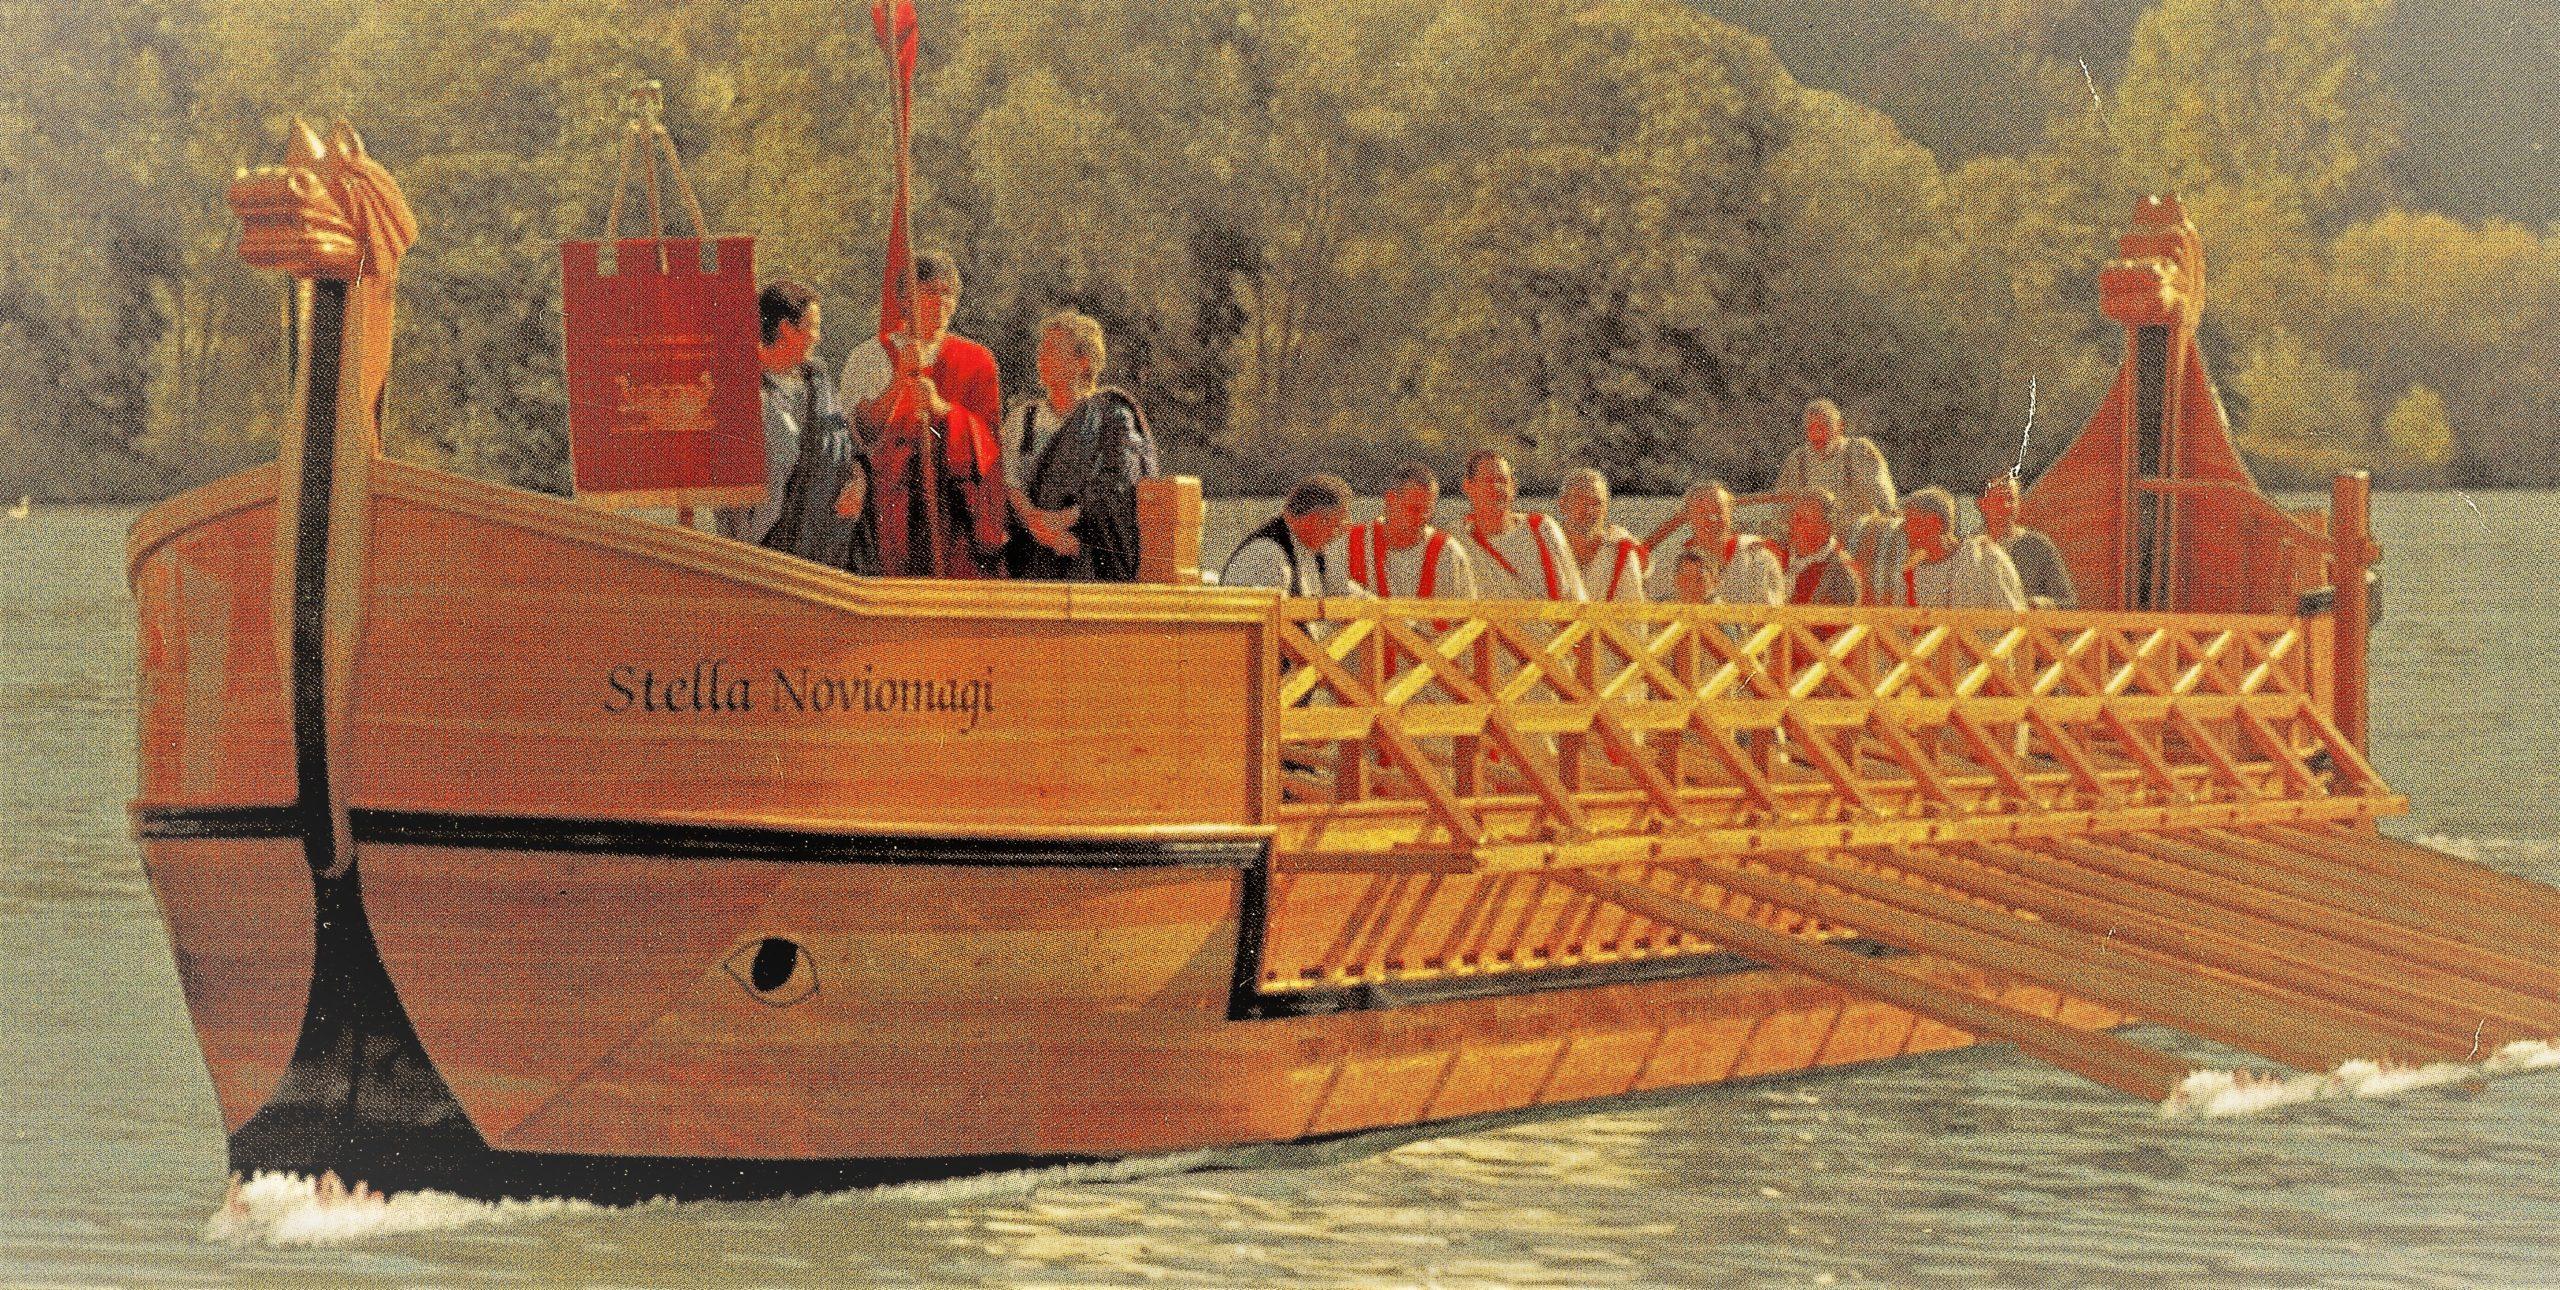 Dit Romeins galjoen met de naam Stella Noviomagi wordt gebruikt voor tochten over de Moezel bij Neumagen.